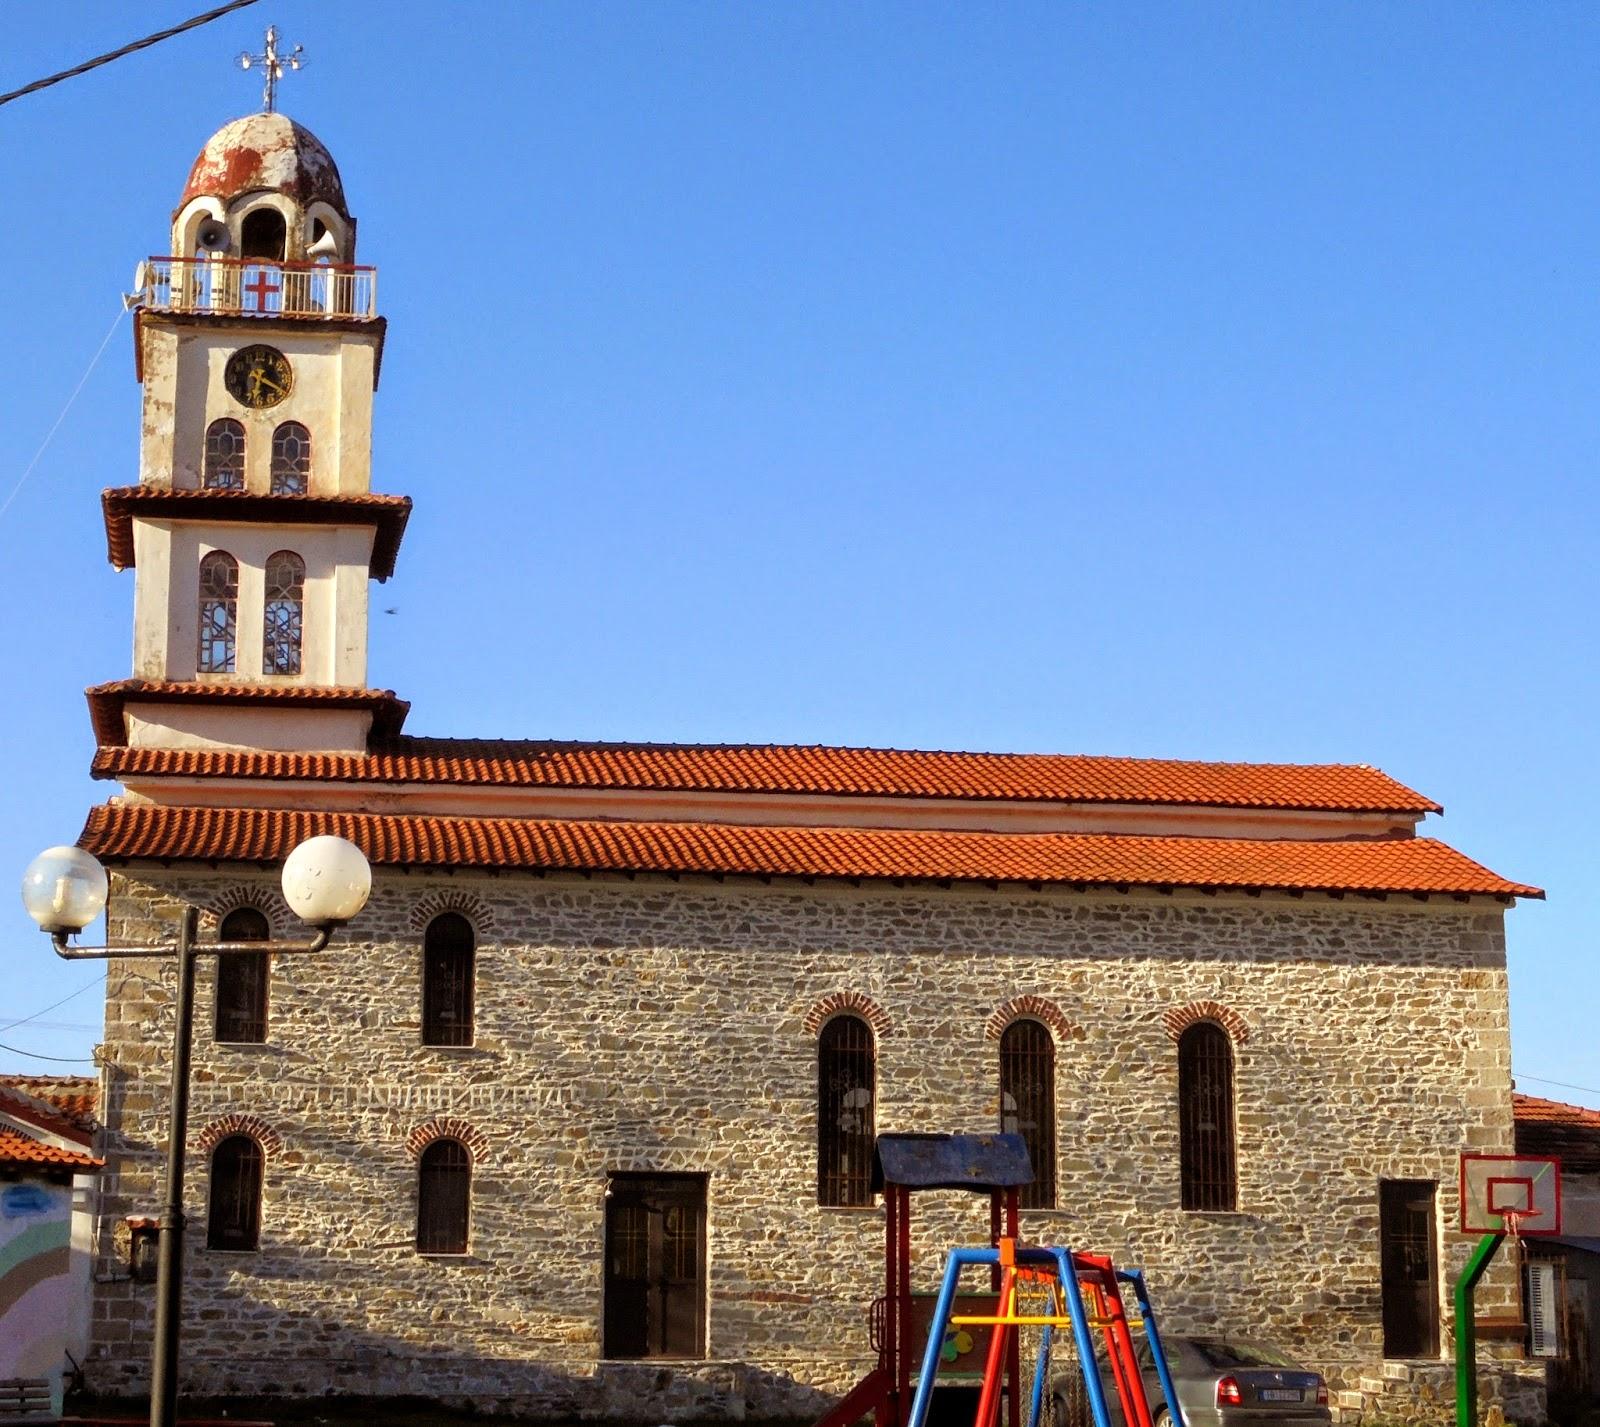 ο ναός της αγίας Θέκλας στο Μηλοχώρι Εορδαίας